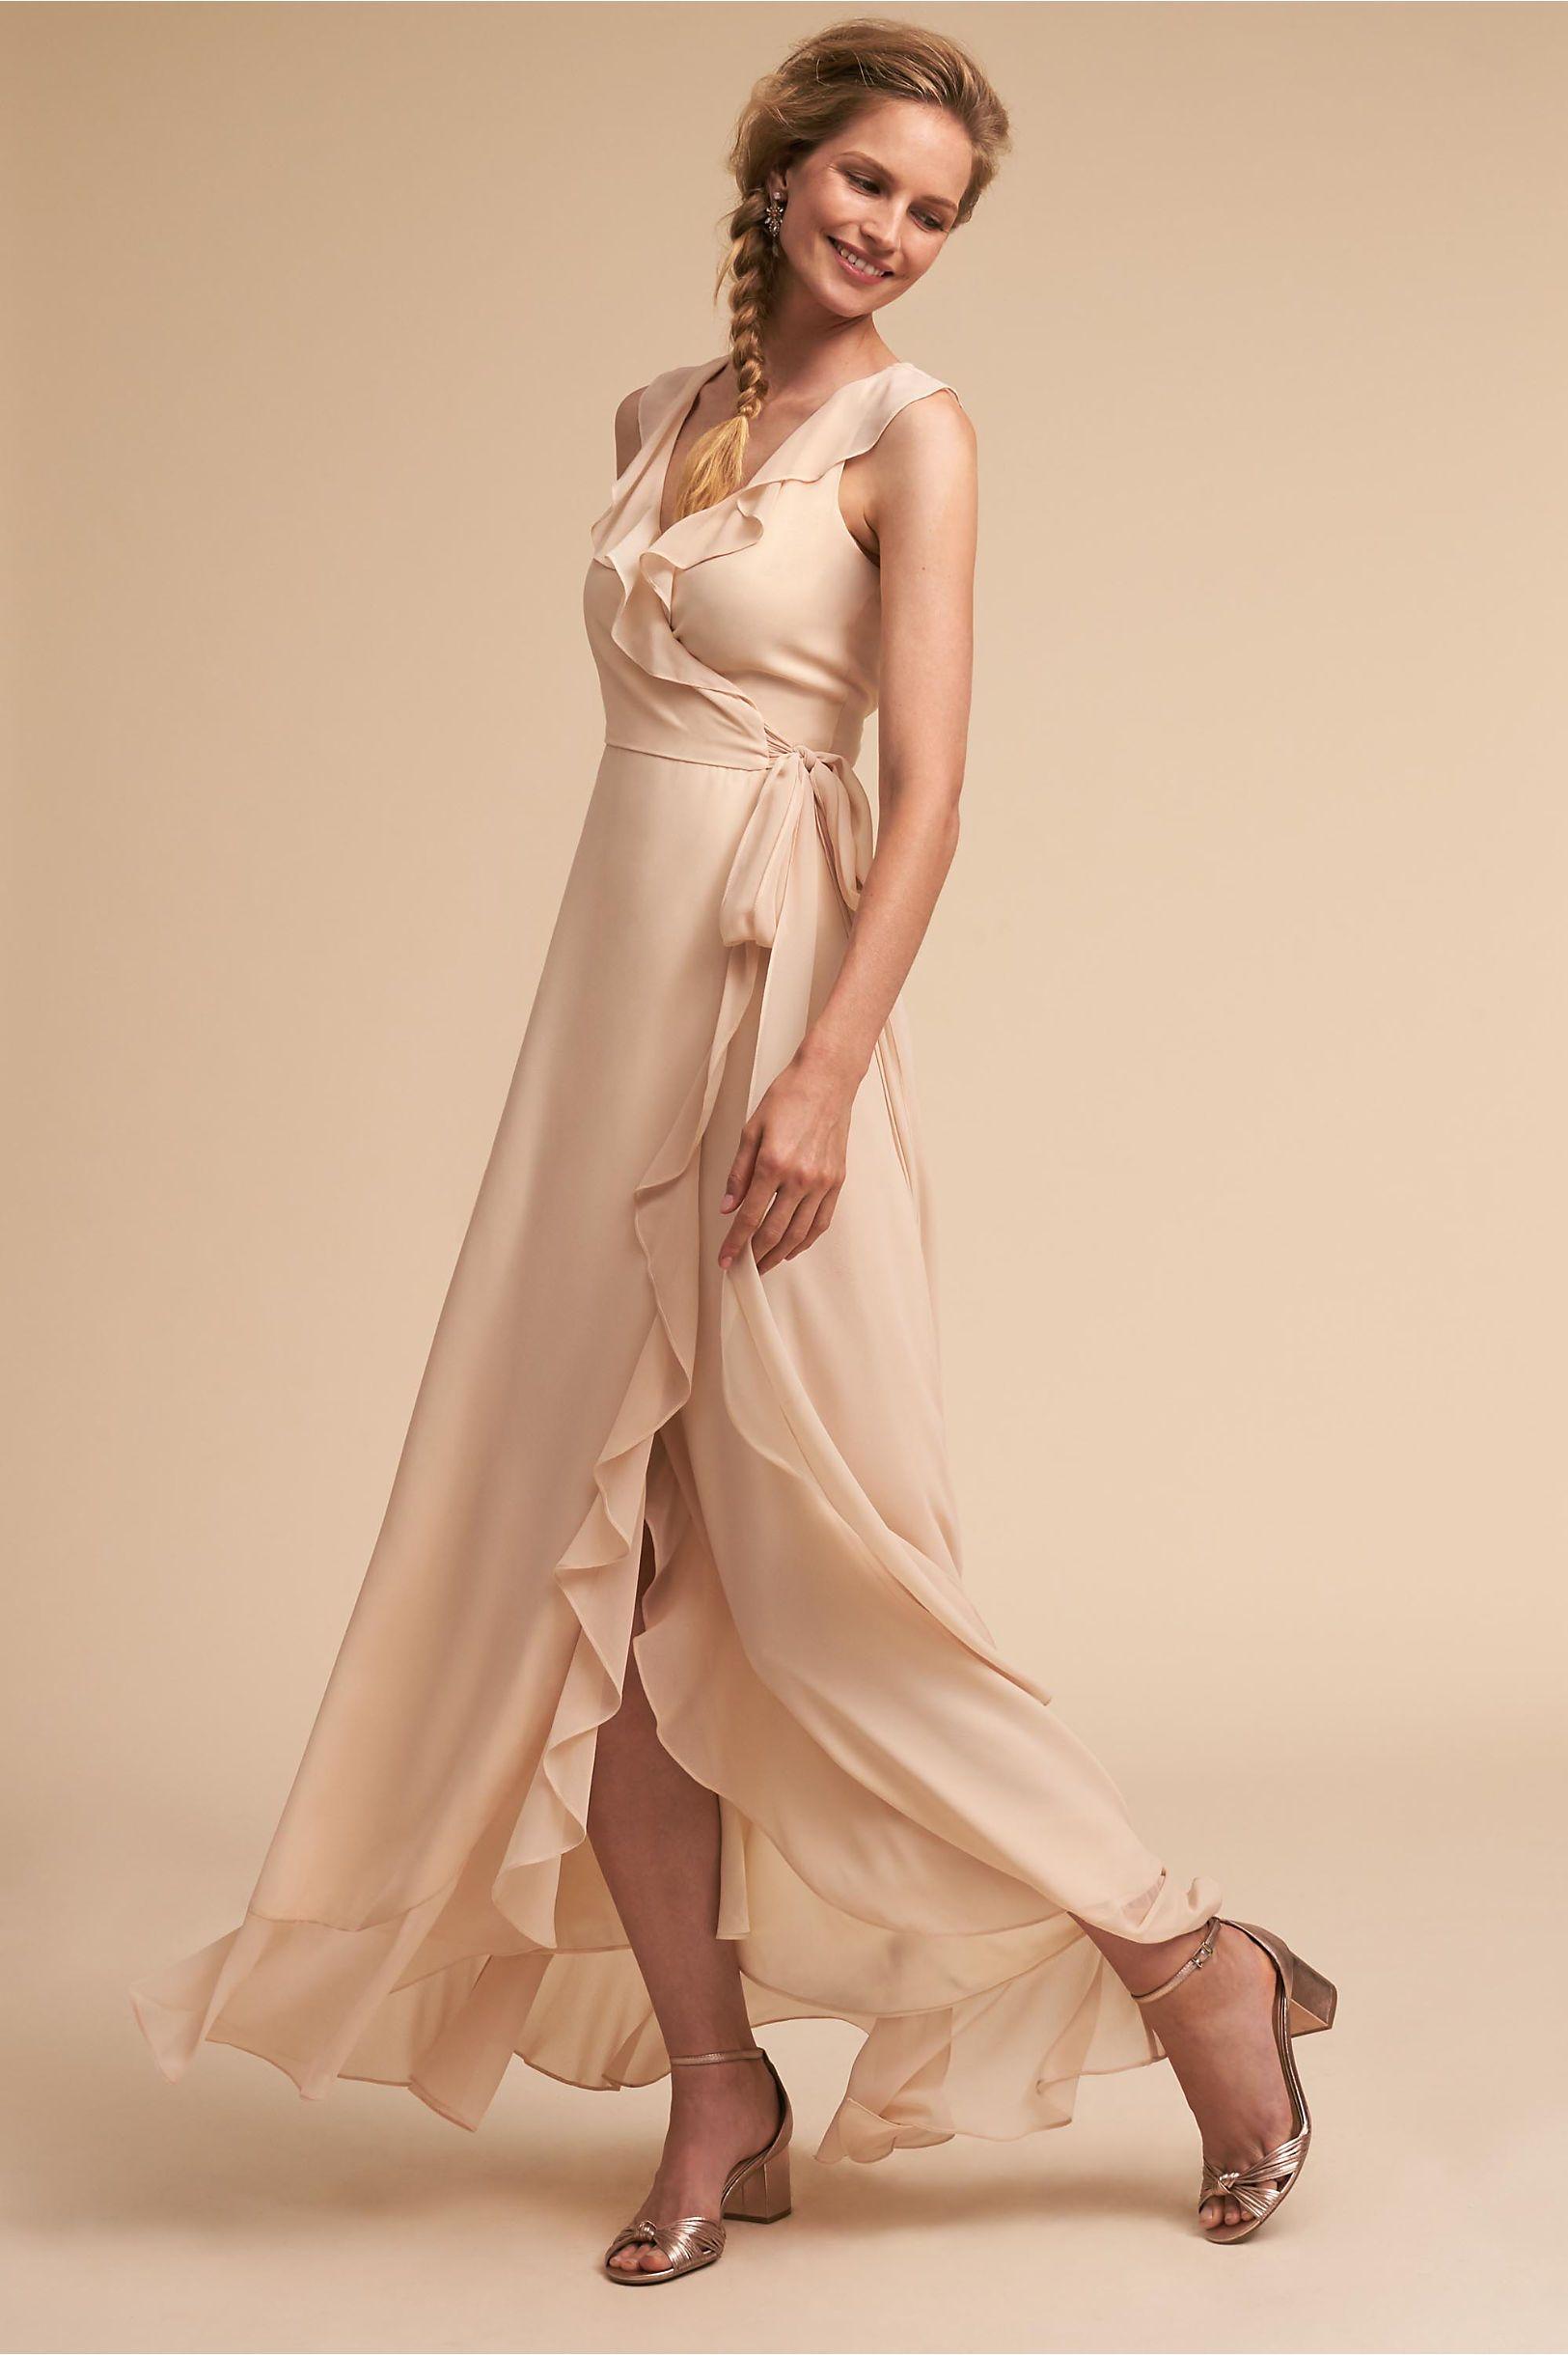 607d47ca152 Julliard Dress from